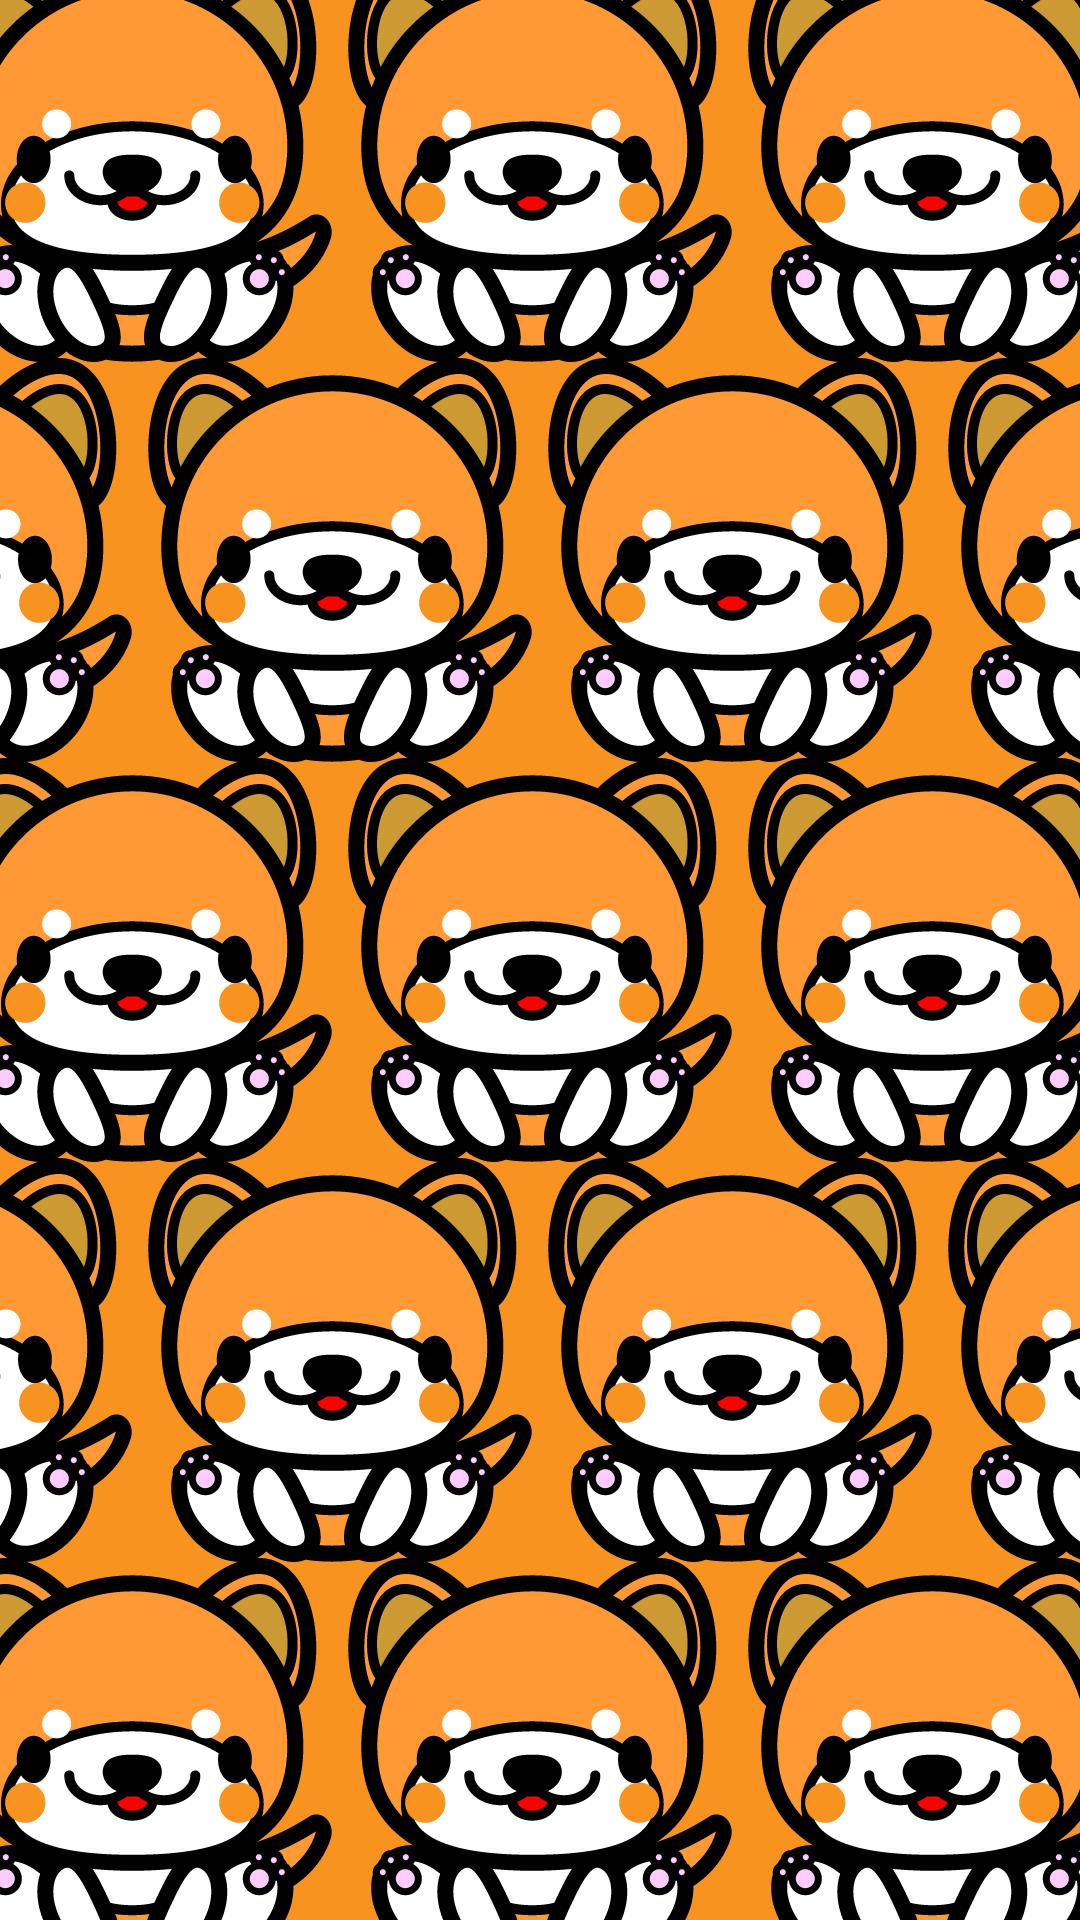 かわいい座り秋田犬づくし壁紙(iPhone)の無料イラスト・商用フリー